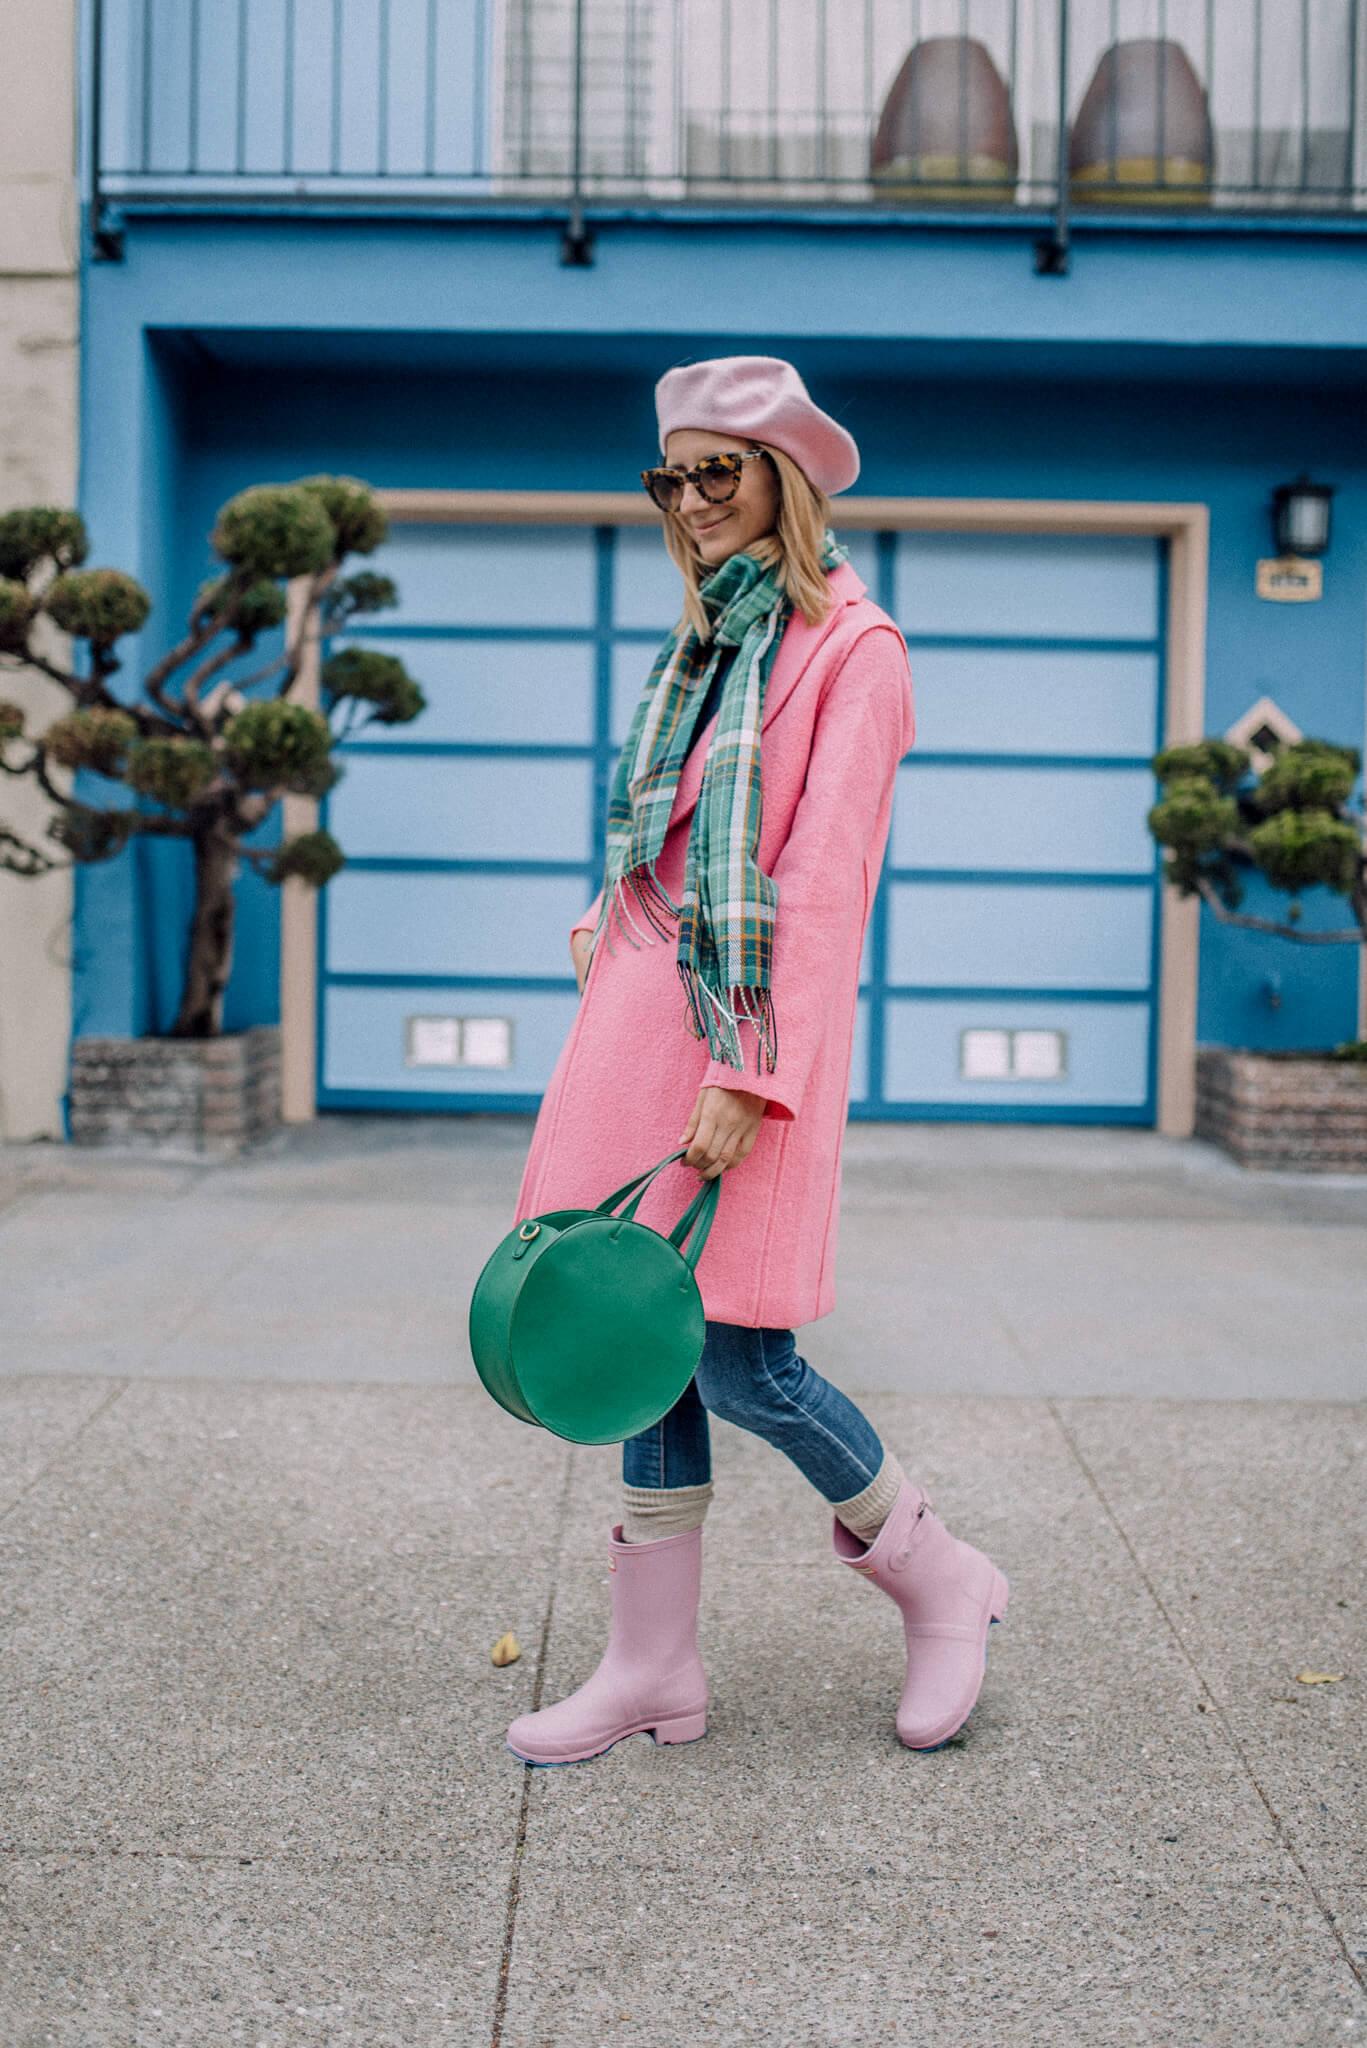 Daphne-topcoat-jcrew-pink.jpg